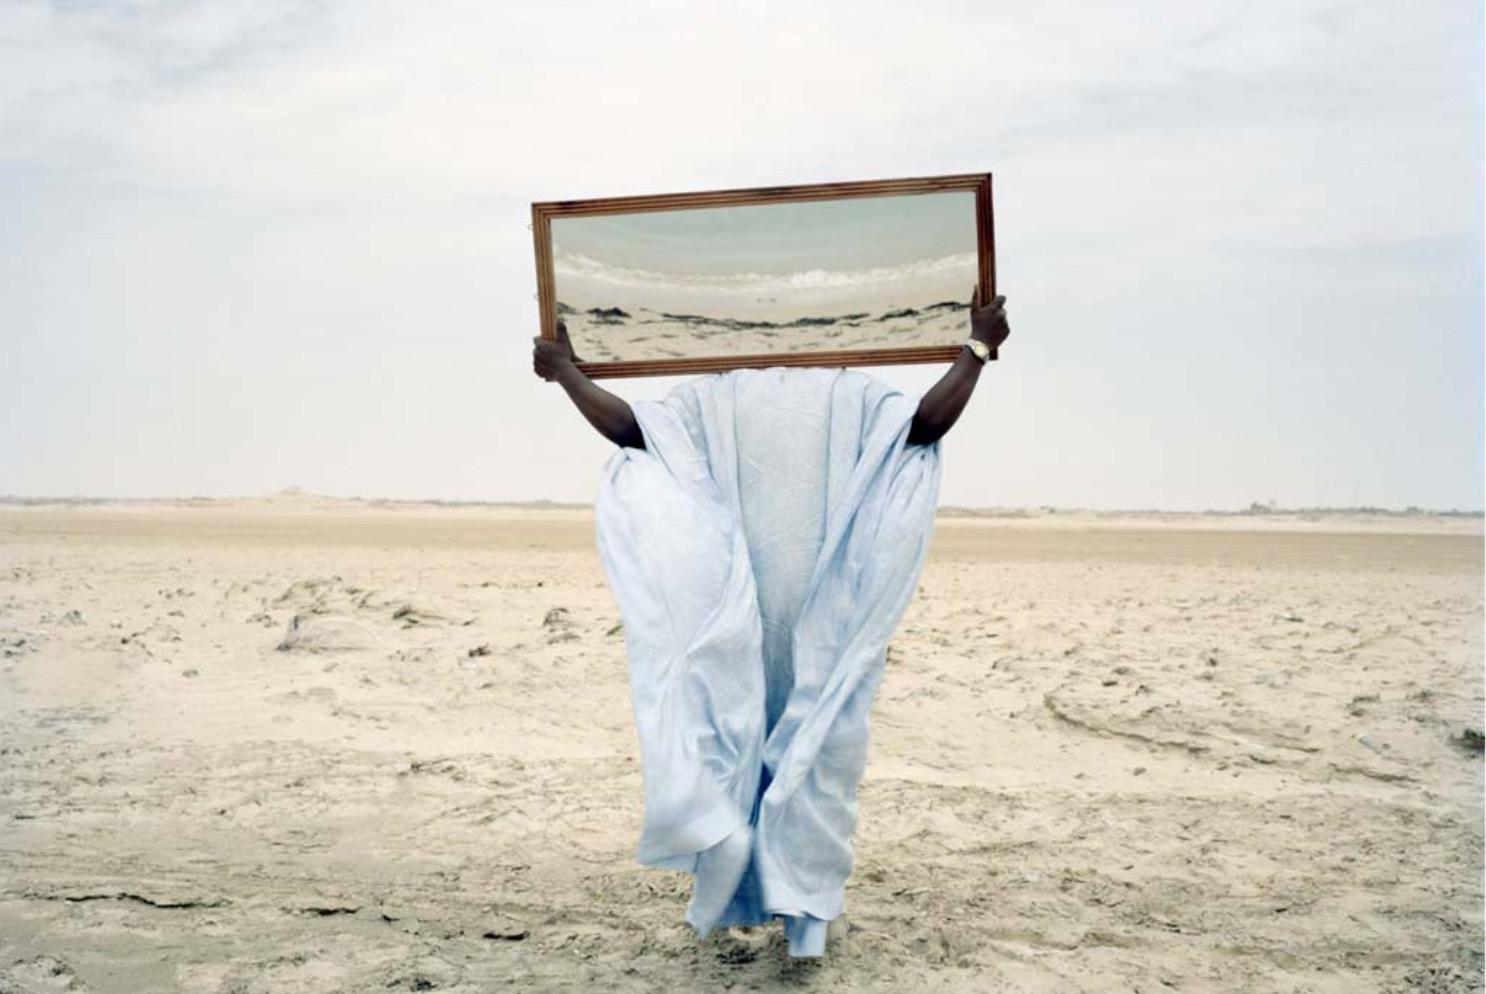 Le Festival de cinéma africain de Tarifa et Tanger commence dans 10 jours à peine!